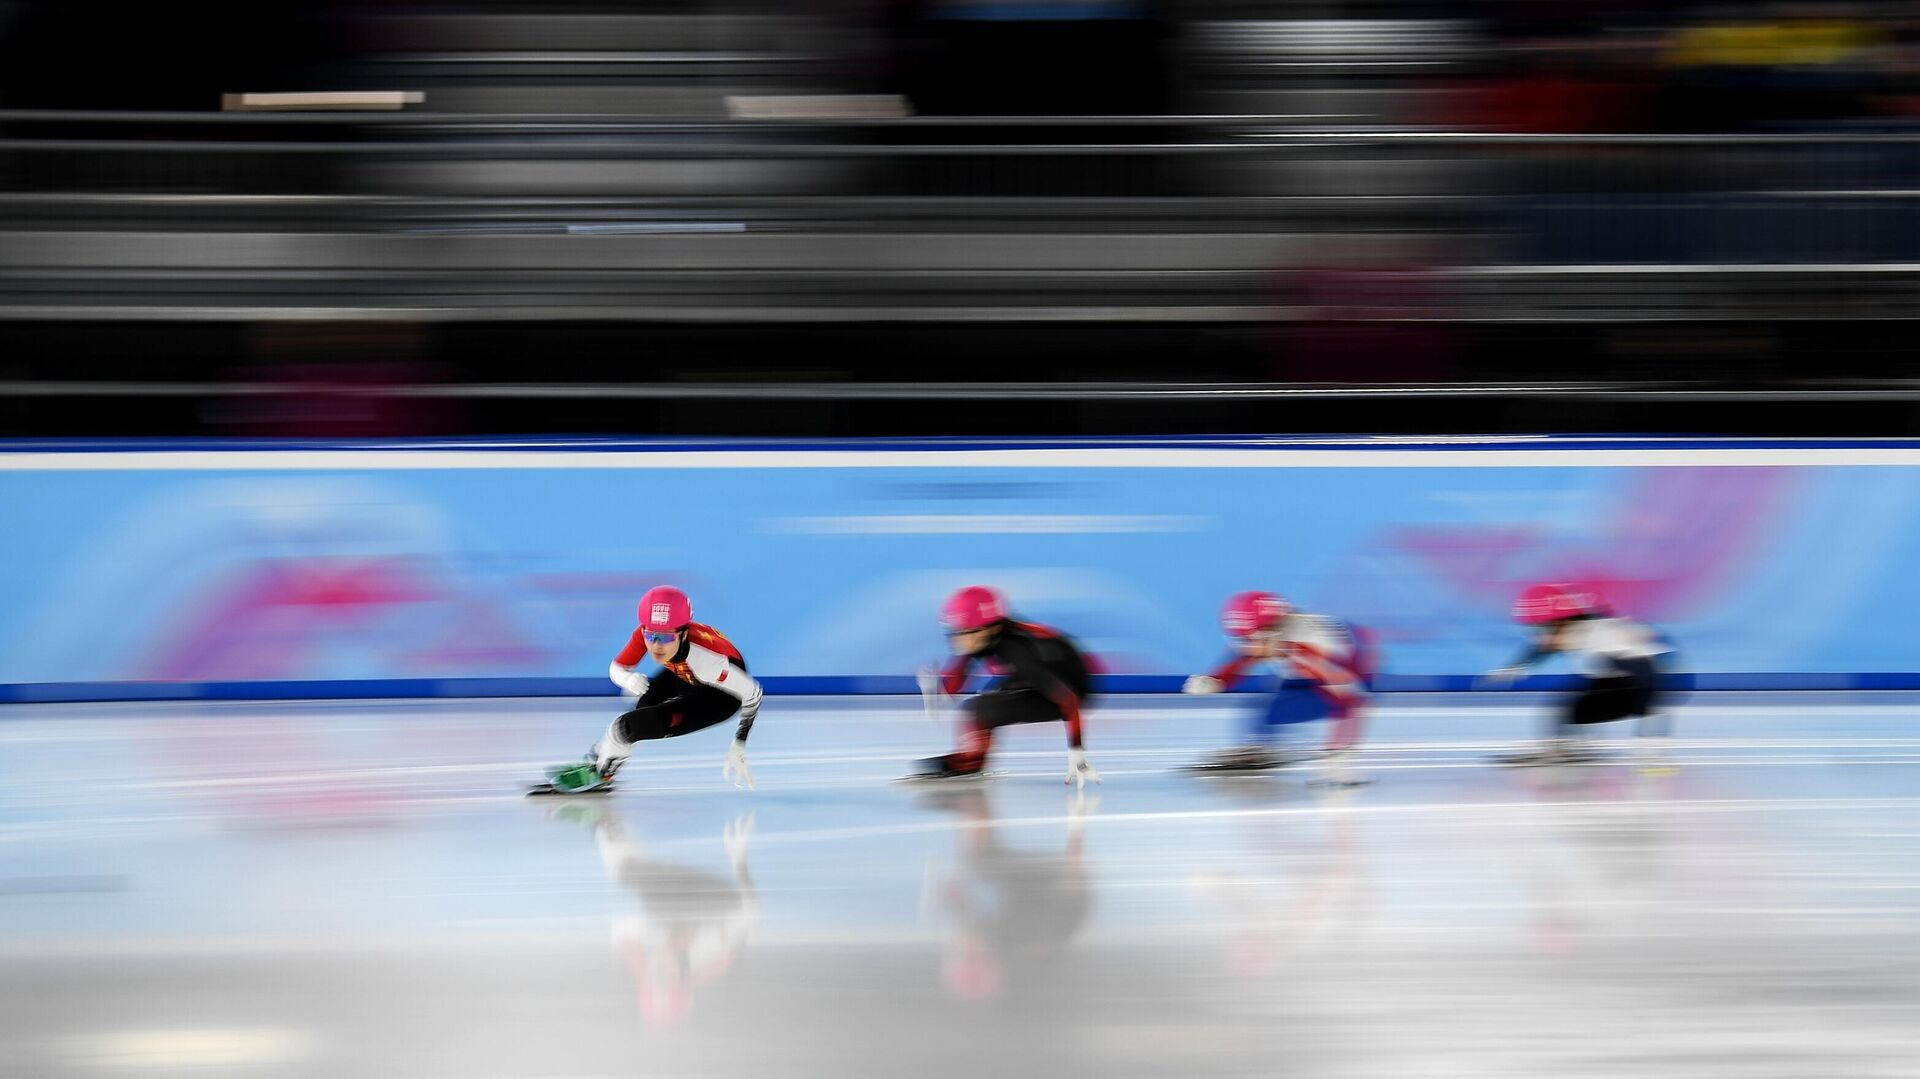 Спортсменки в полуфинальном заезде на 500 м среди девушек на соревнованиях по шорт-треку на III зимних юношеских Олимпийских играх 2020 в швейцарской Лозанне. - РИА Новости, 1920, 22.01.2021